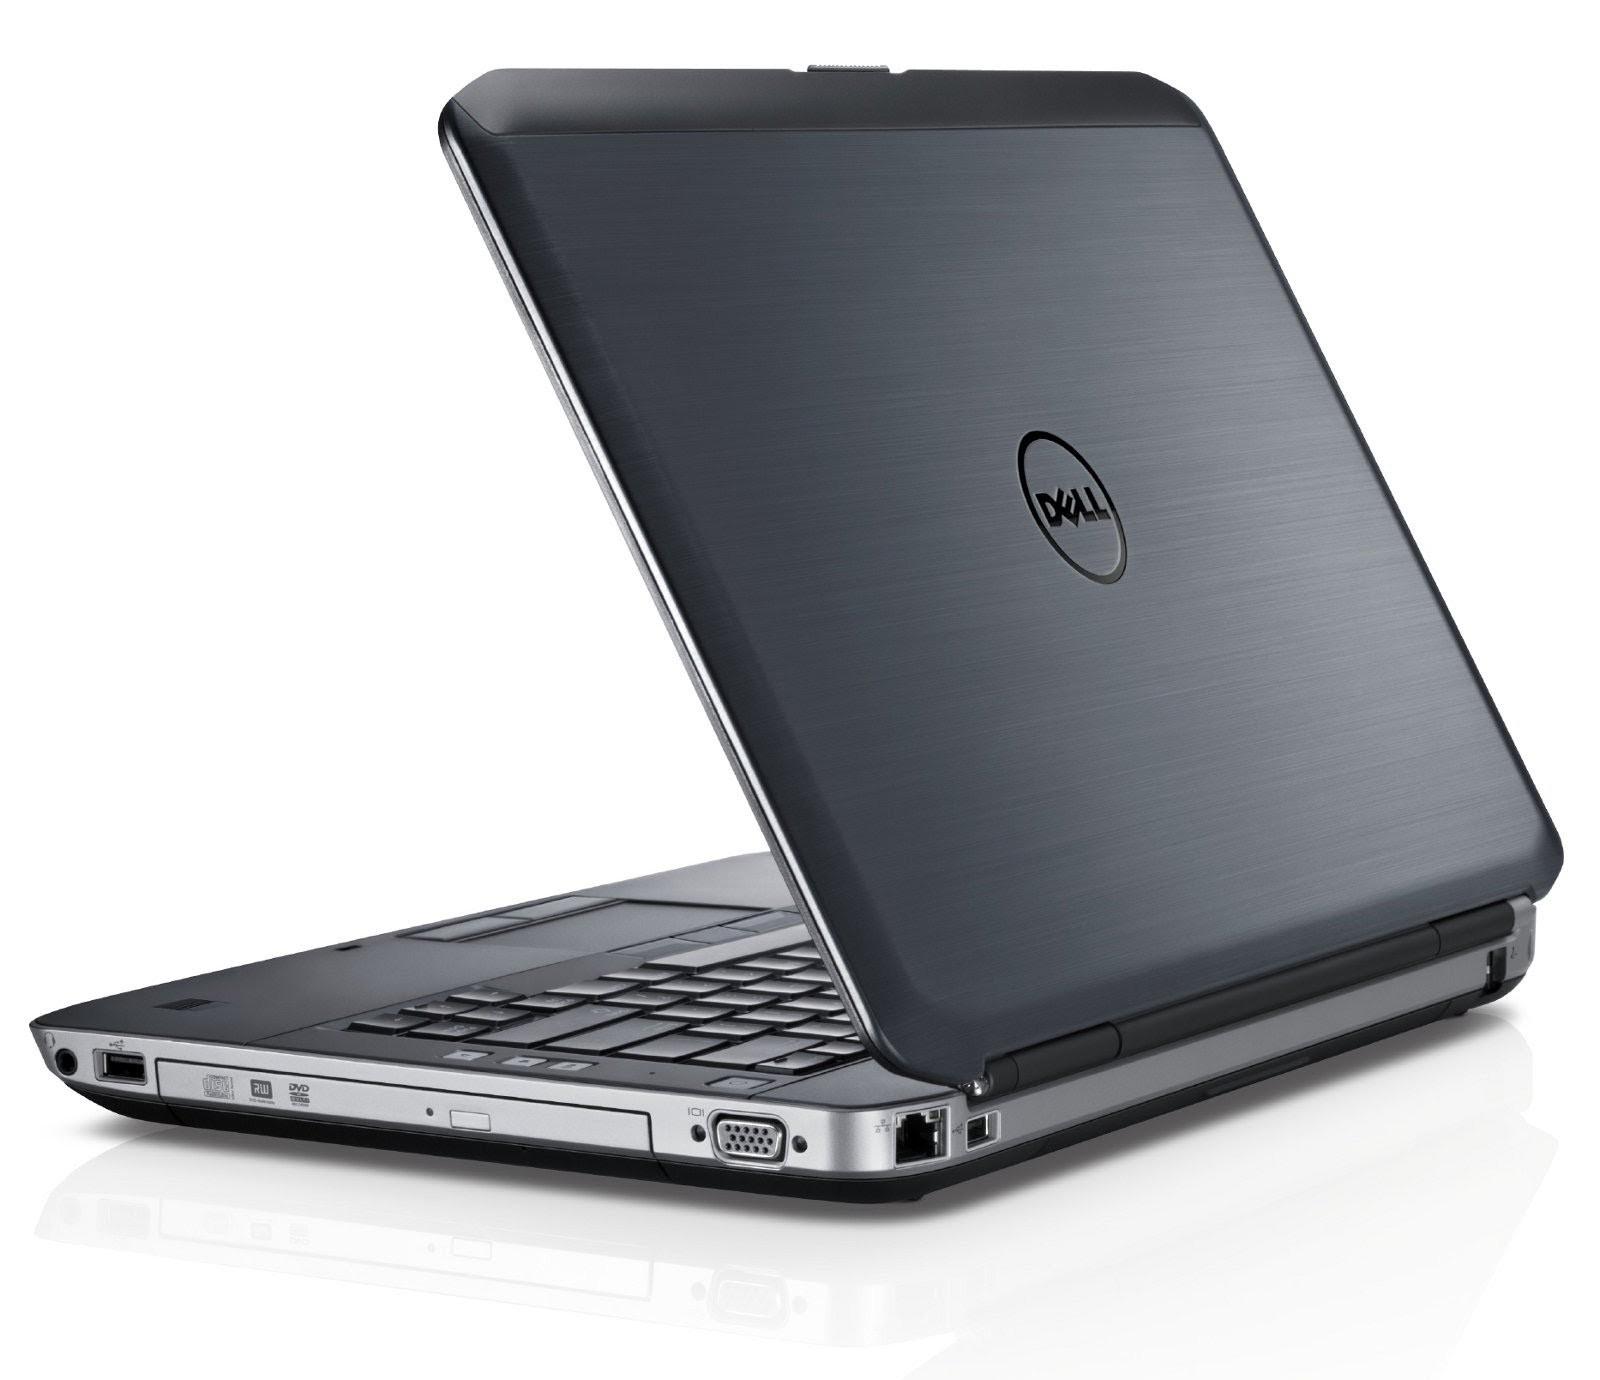 """DELL-LAT-E5430-i3-320GB-Dell Latitude E5430 14"""" Intel i3 4GB RAM 320GB HDD Windows 10 Pro Laptop WiFi-image"""